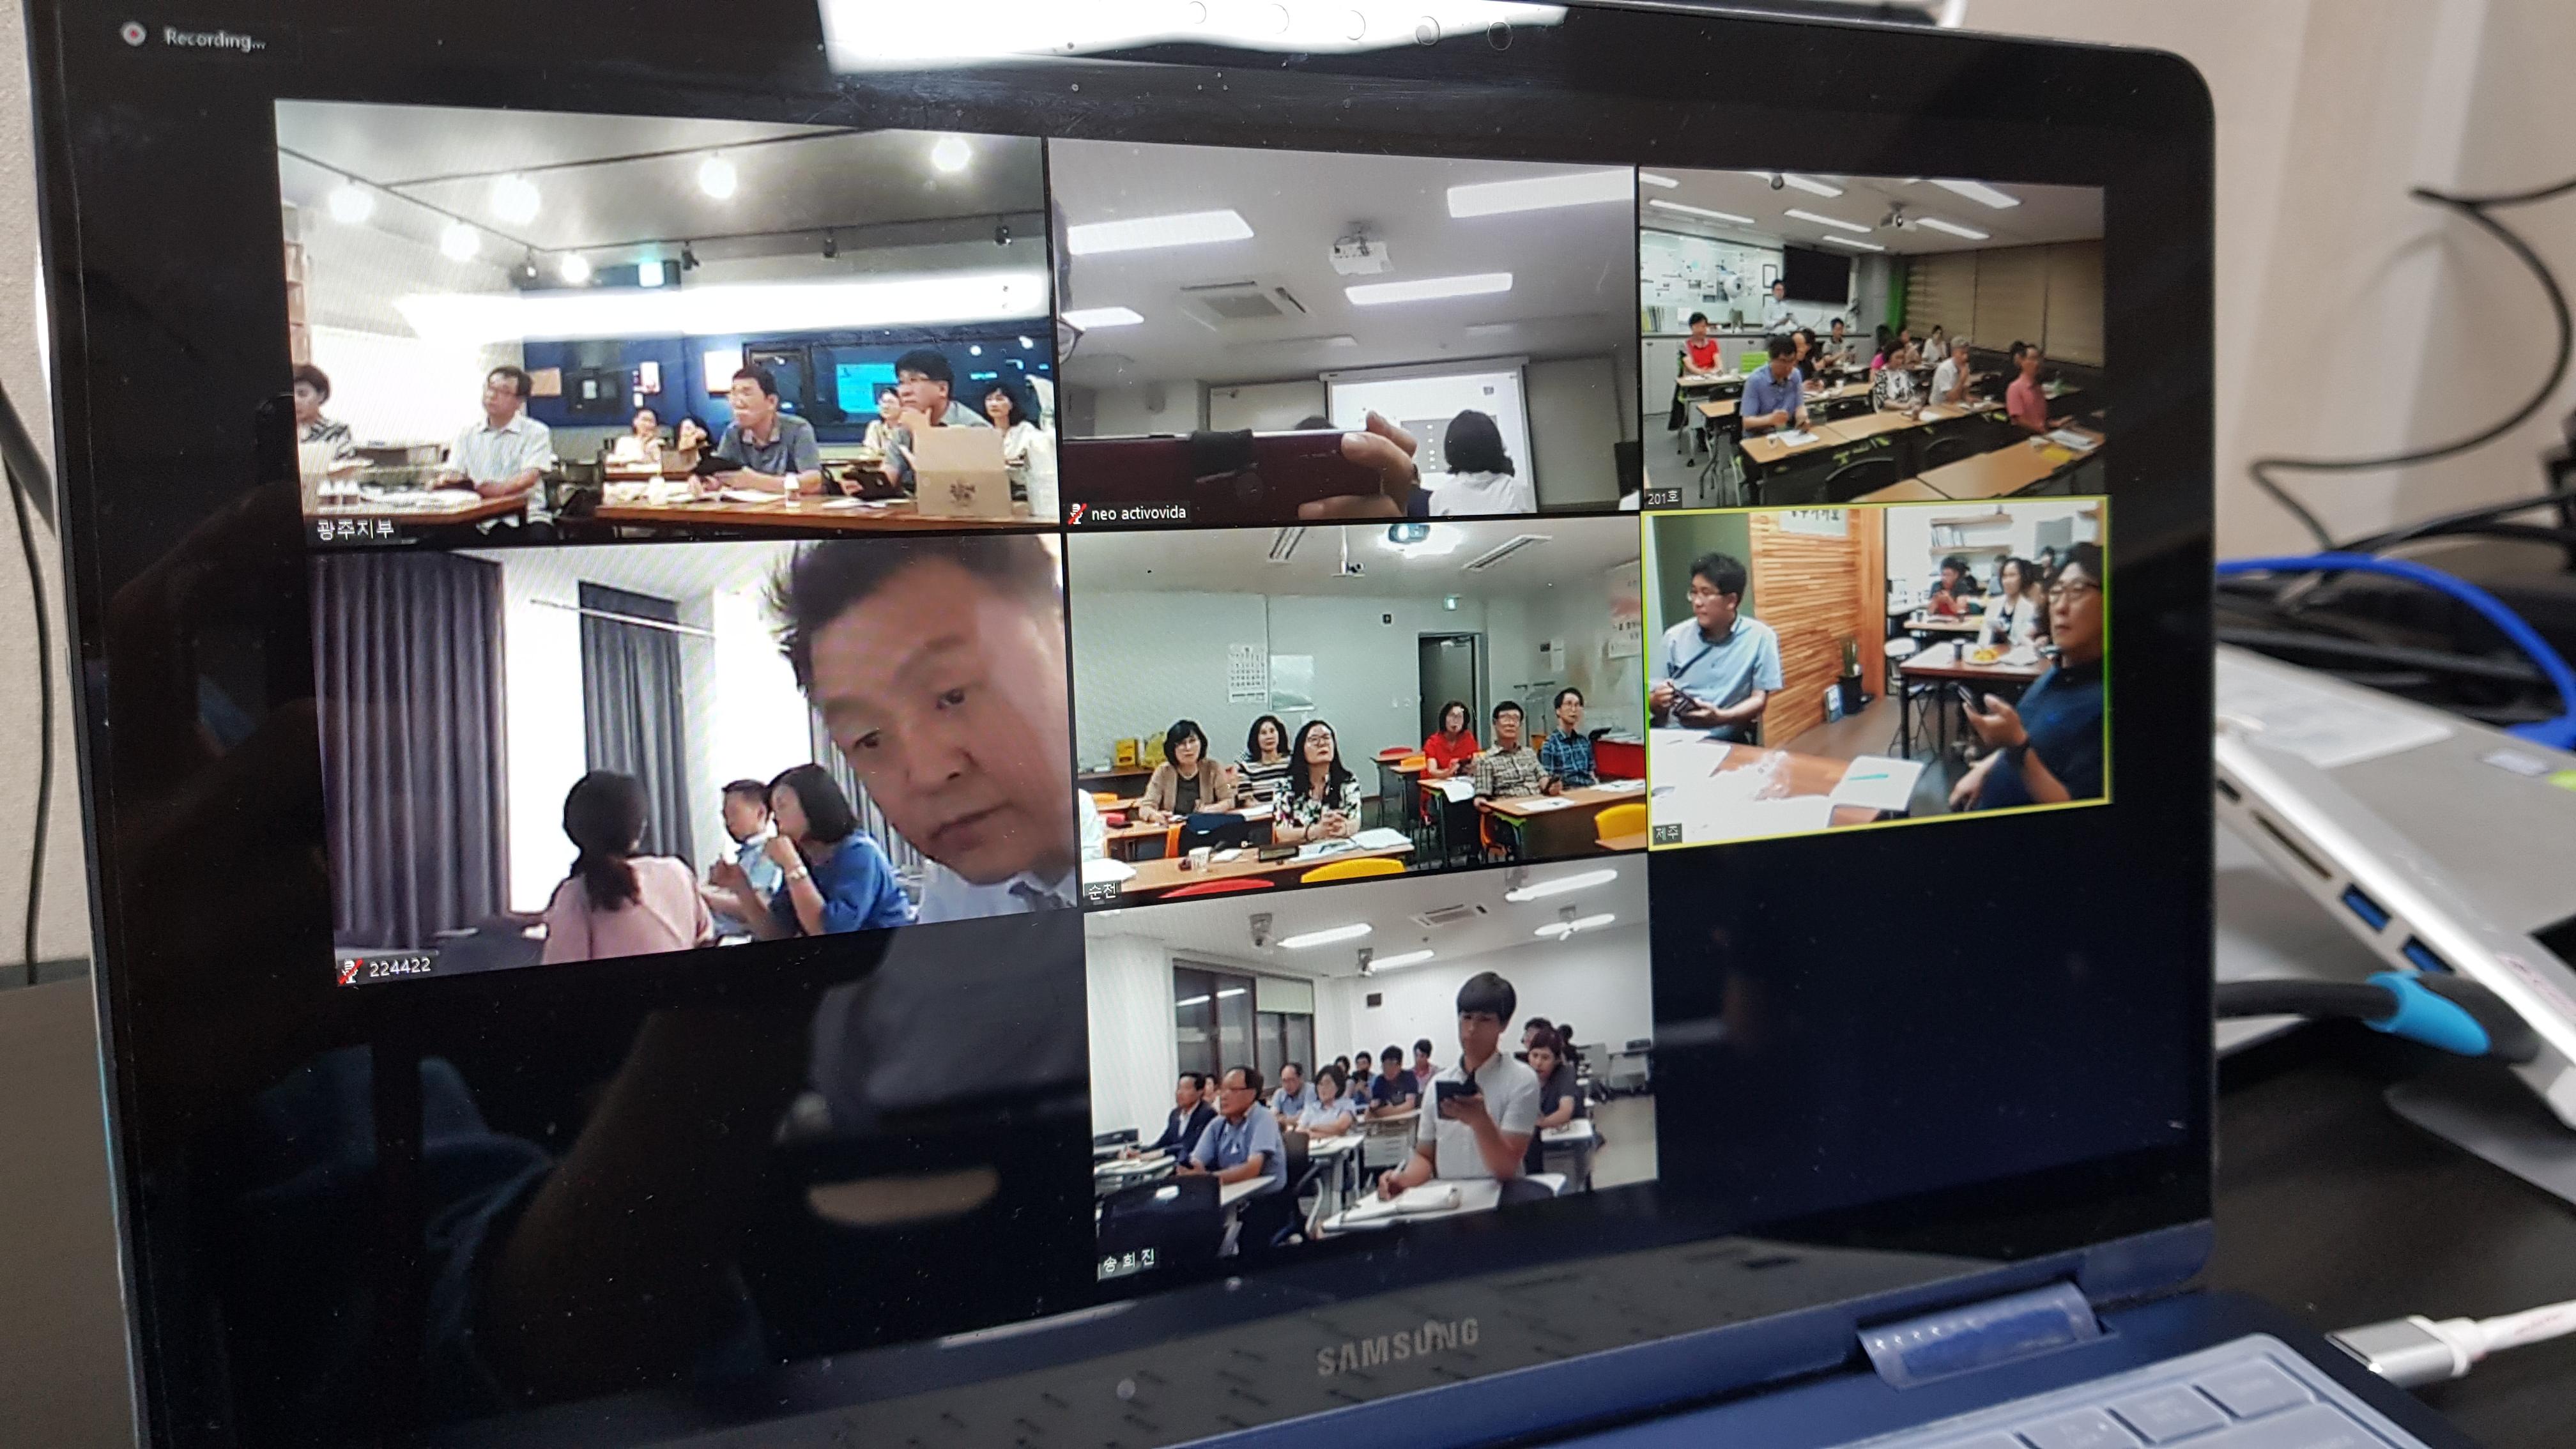 2019년 8월 정기세미나(영상촬영... 이미지